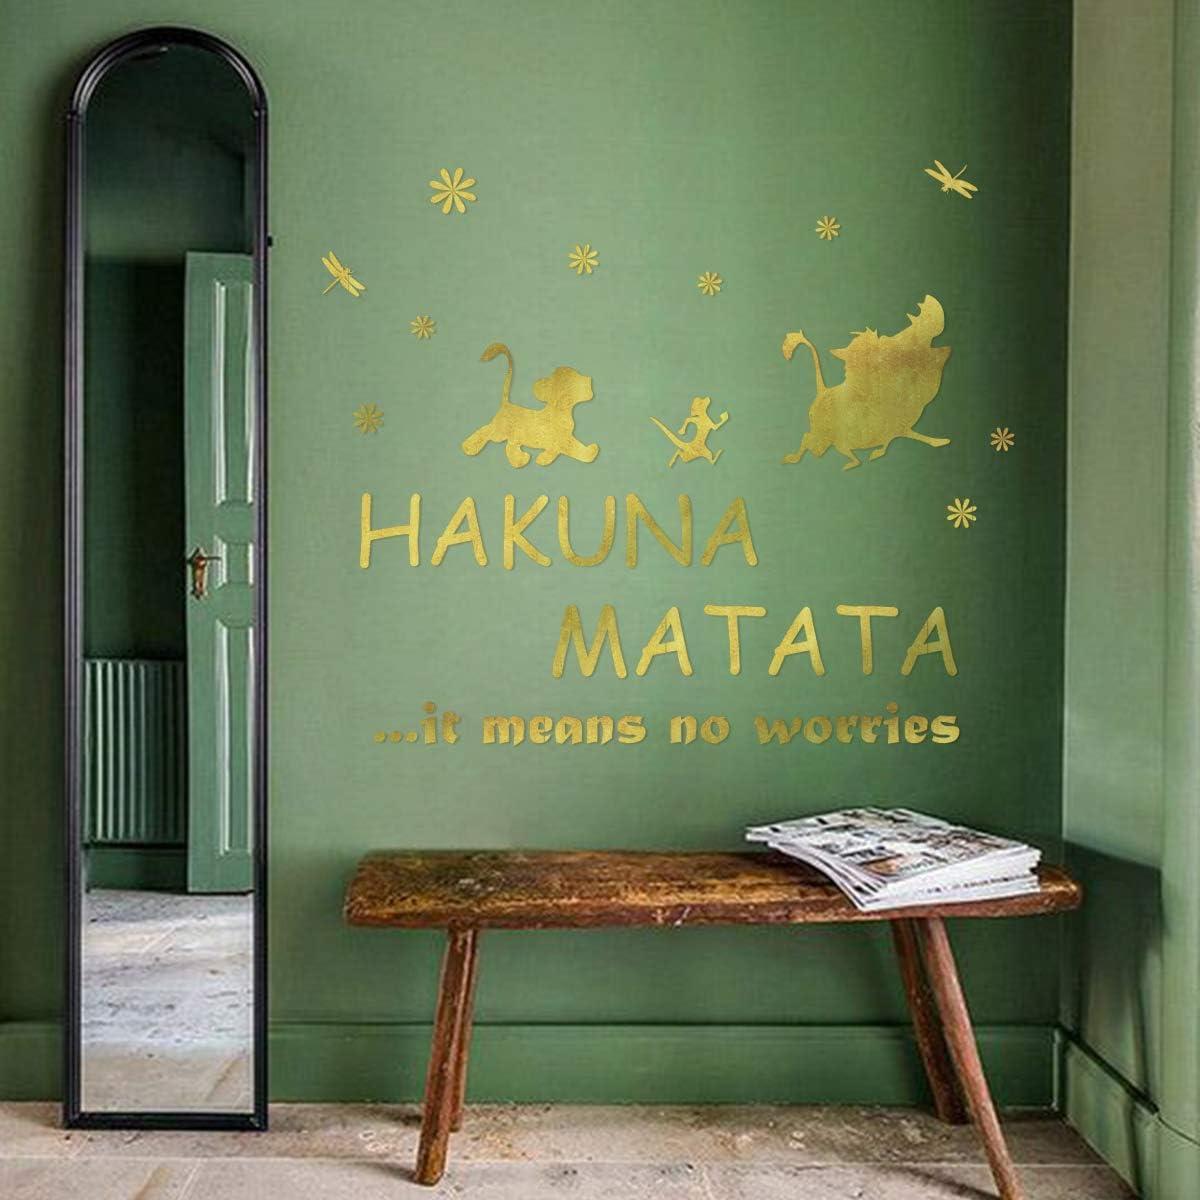 ufengke Wandtattoo Spr/üche Hakuna Matata Golden Wandaufkleber Wandsticker Buchstaben Motivation f/ür Kinderzimmer Schlafzimmer Wohnzimmer